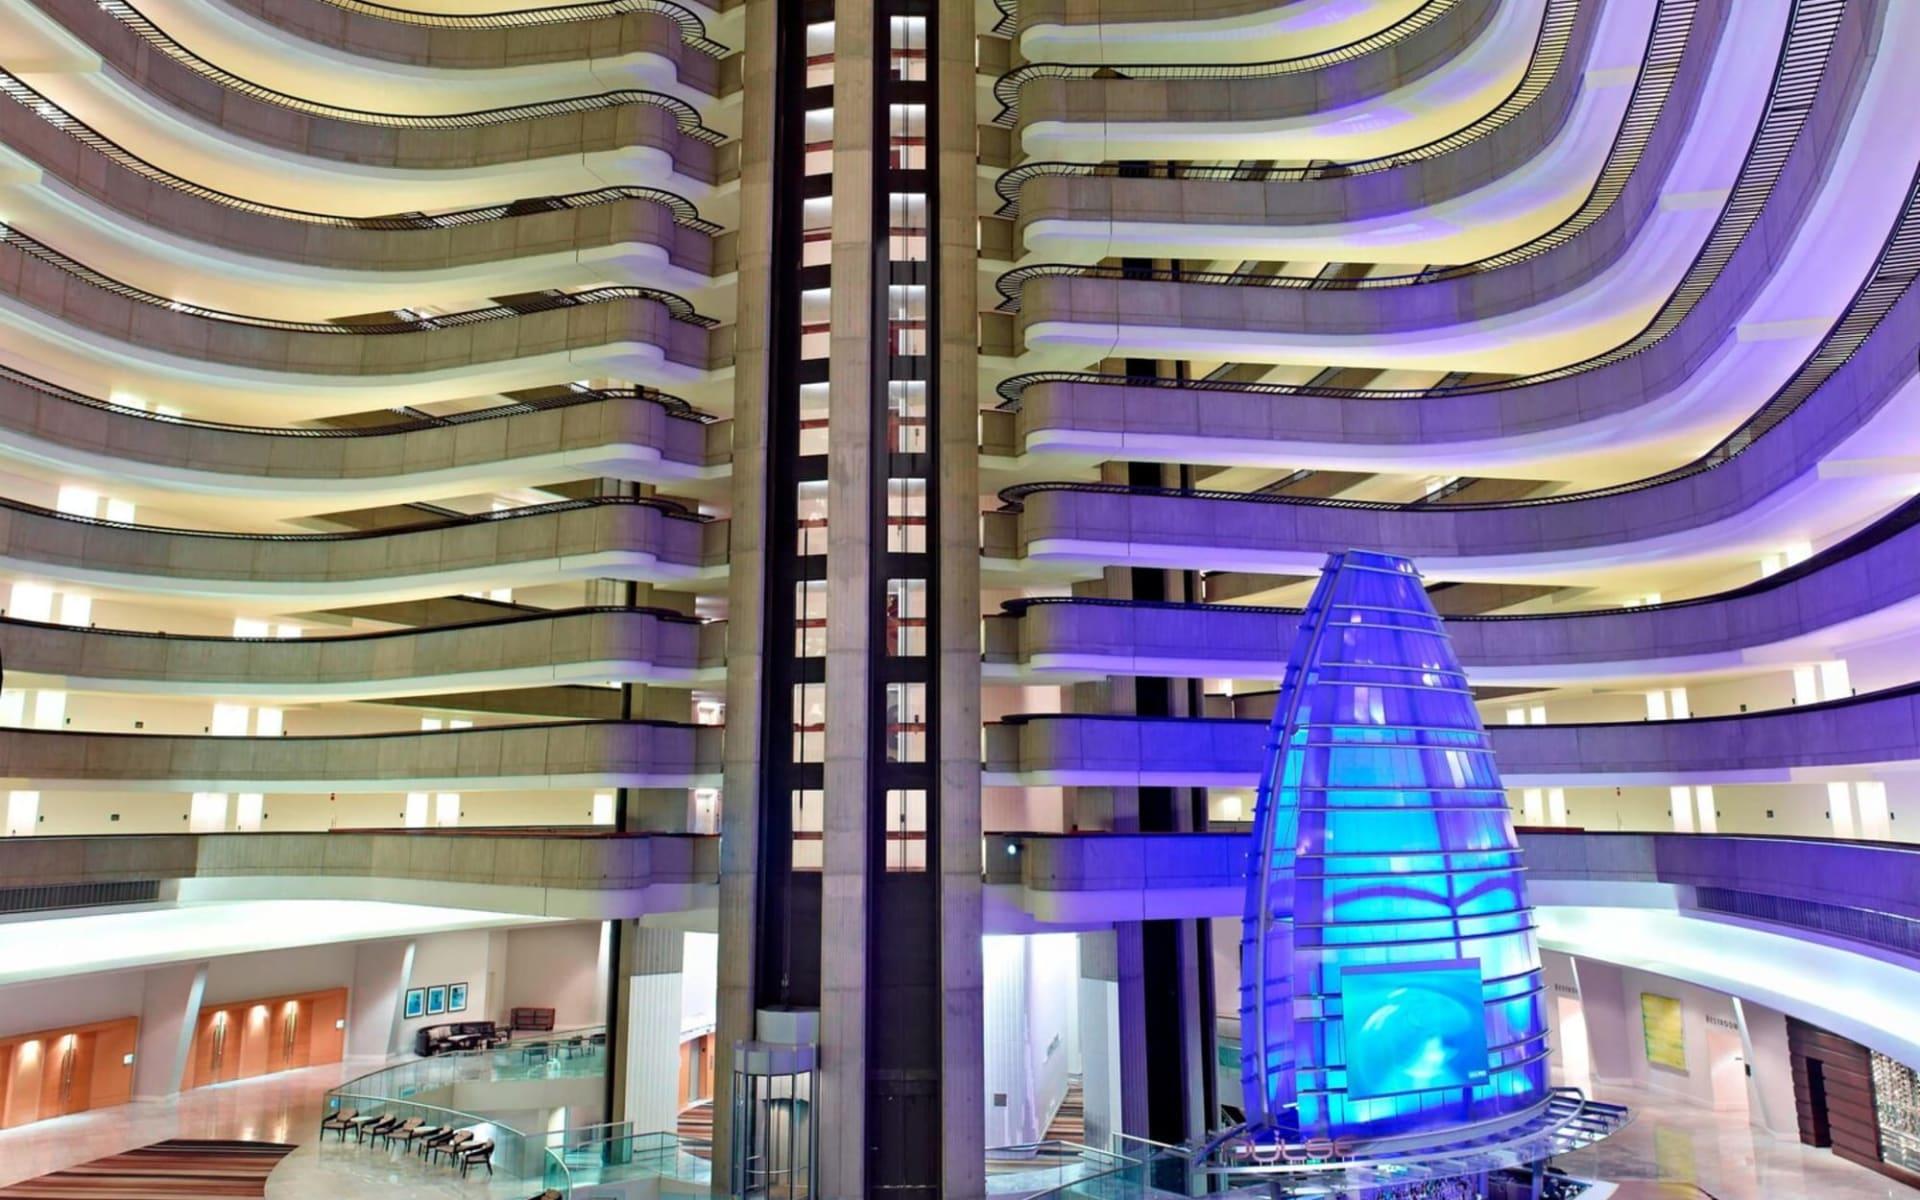 Marriott Marquis in Atlanta:  Marriott Marquis Atlanta - Atrium